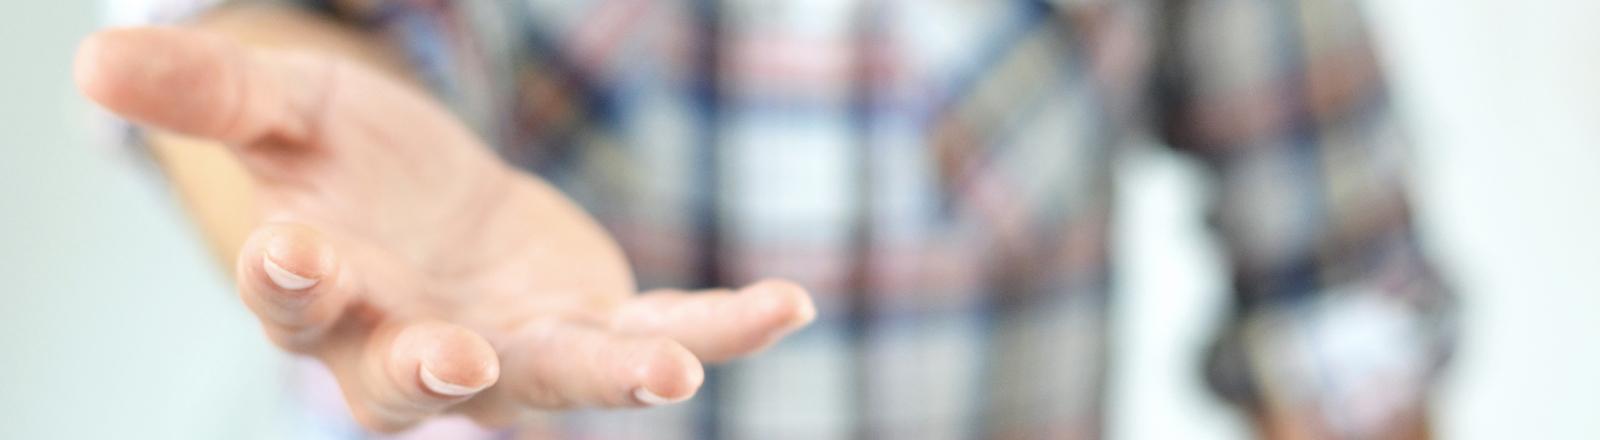 Ein Mann hält die Hand auf